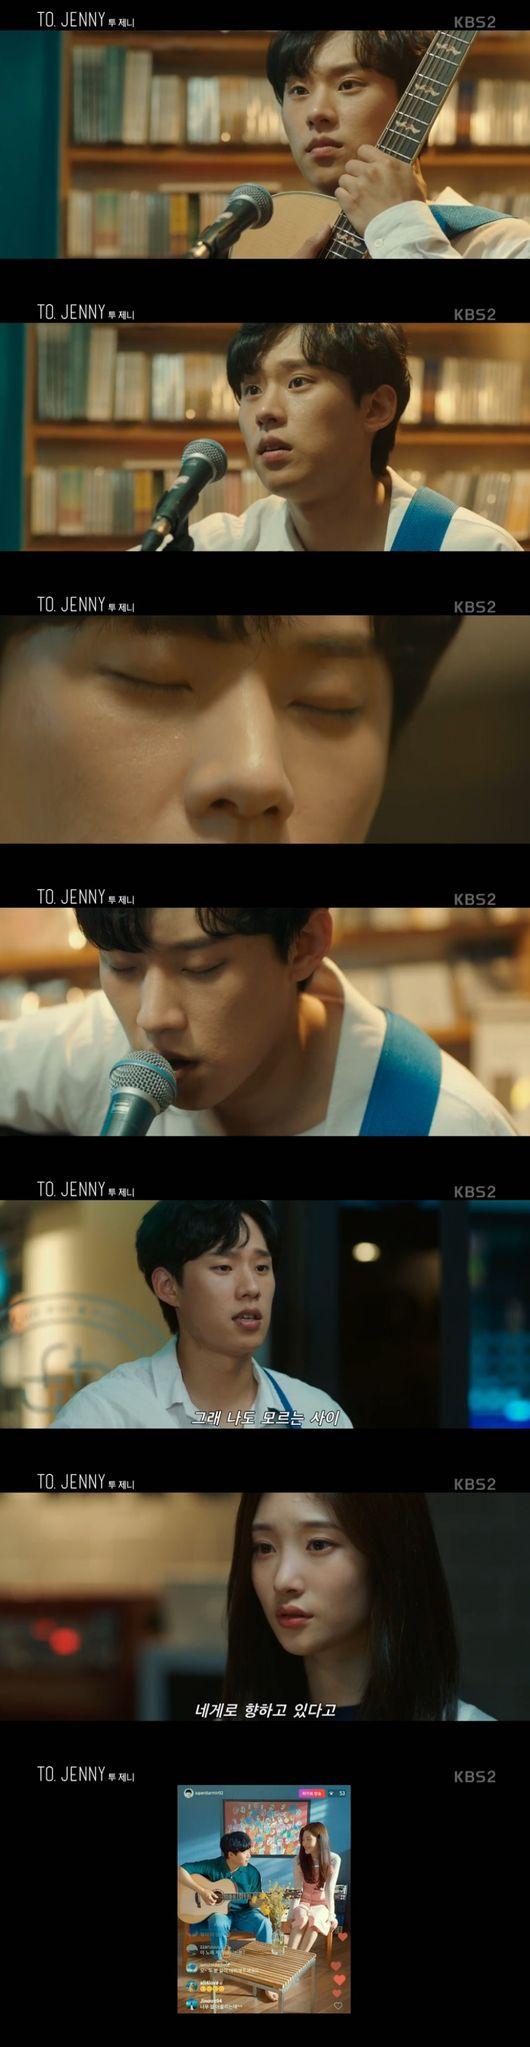 종영 '투제니' 김성철♡정채연, 꿈 이루고 사랑 잡았다